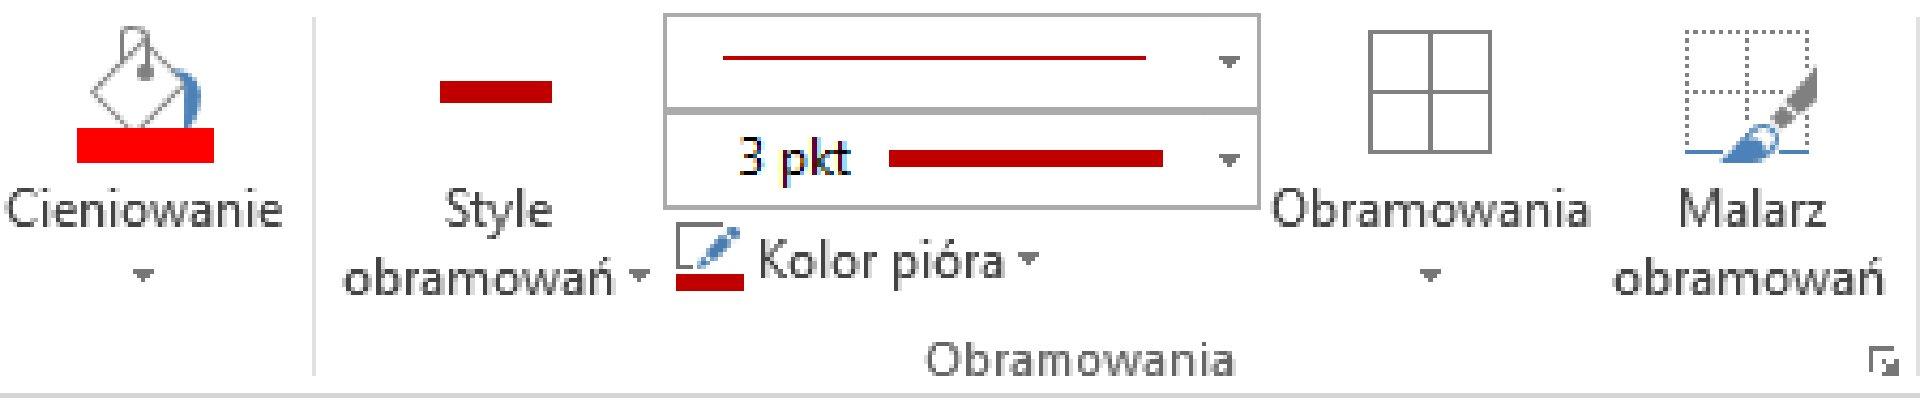 Zrzut fragmentu wstążki znarzędziami do formatowania tabeli wprogramie MS Word